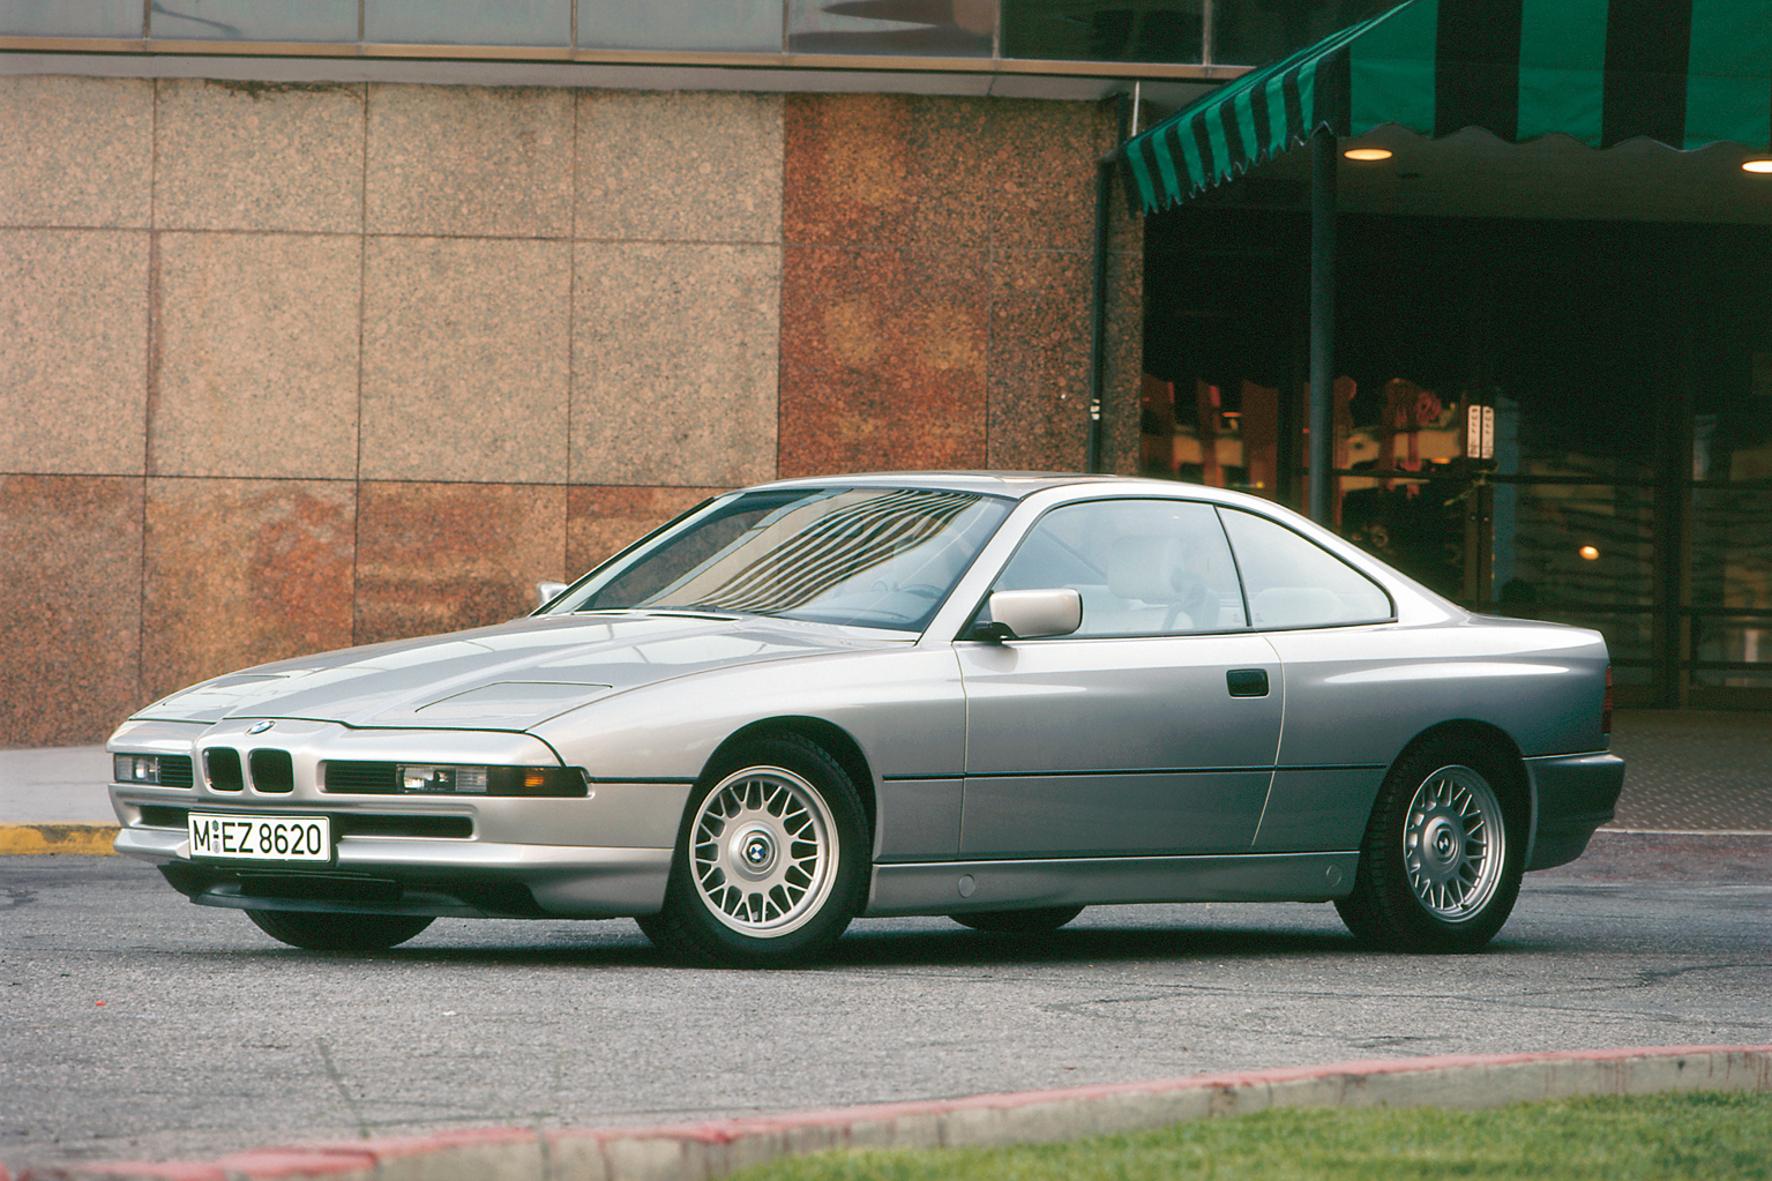 mid Groß-Gerau - Das waren noch Zeiten: Der 8er-BMW kam 1989 auf den Markt und wurde zehn Jahre später nach eher mäßigem Erfolg wieder eingestellt. Jetzt wollen die Münchner die Baureihe offenbar wiederbeleben.